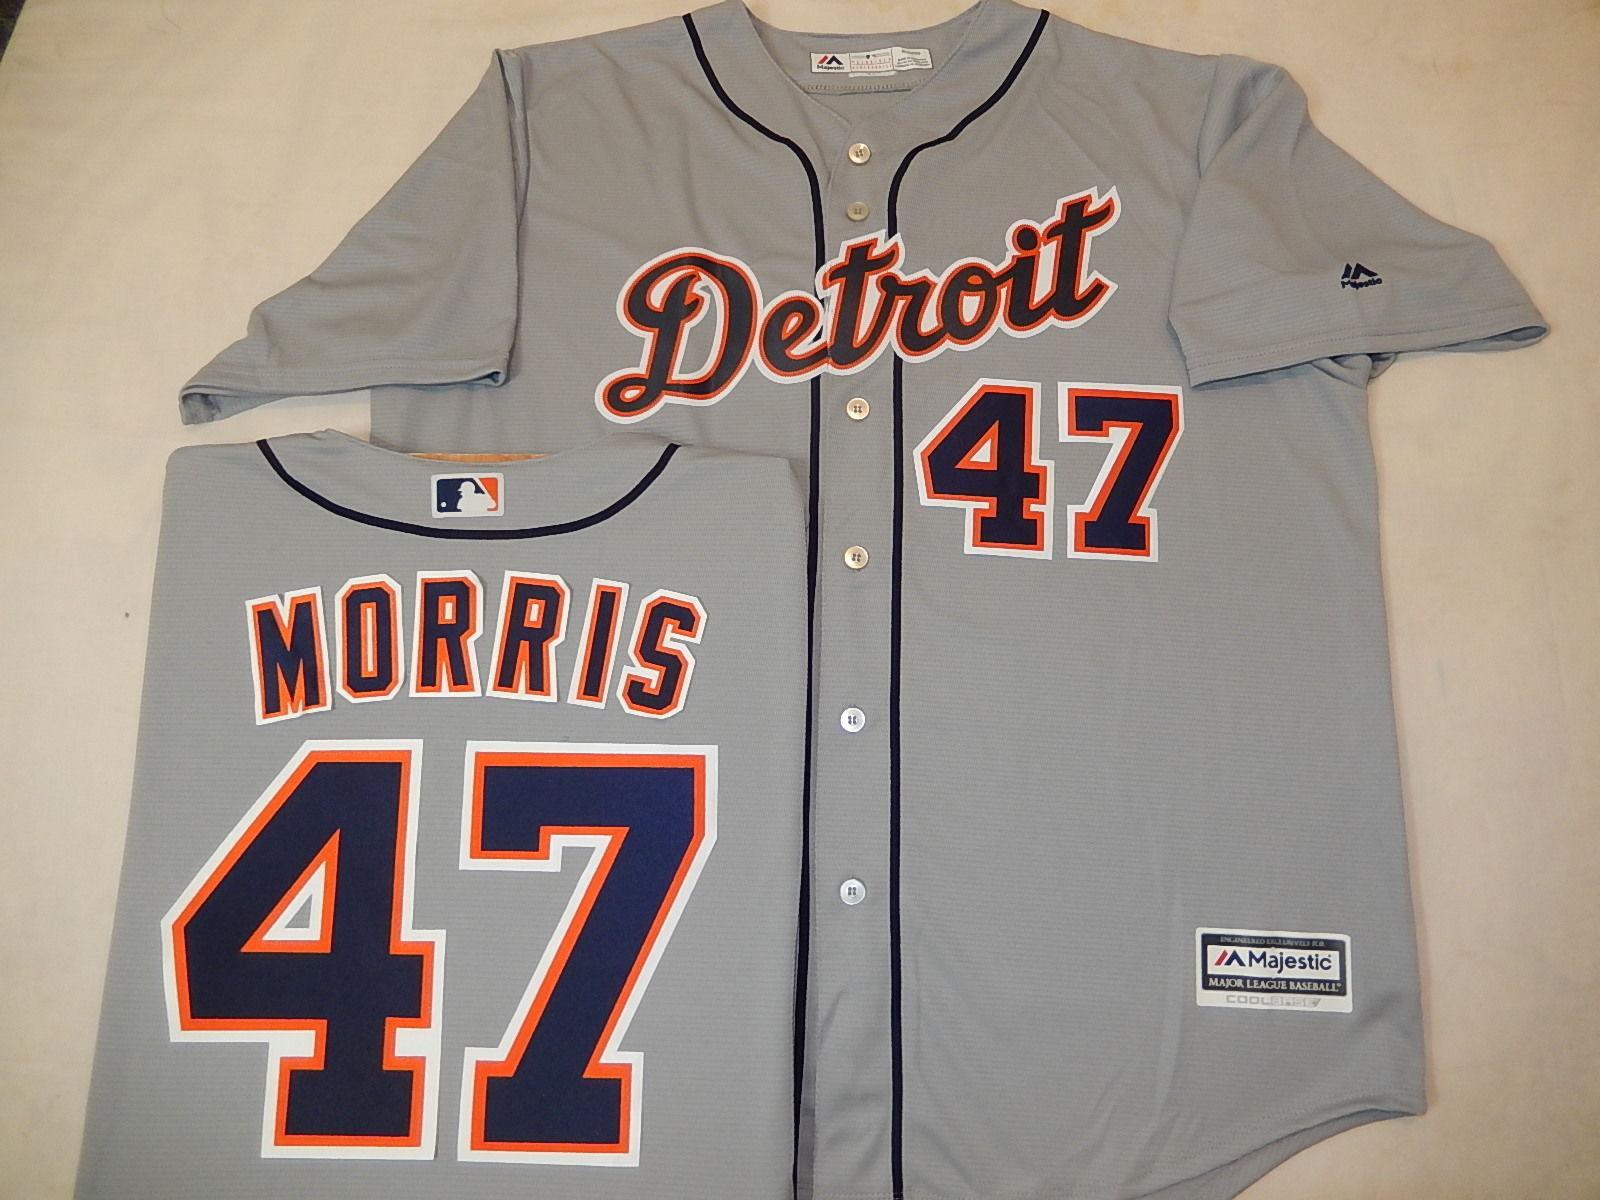 Compre Barato Personalizado Detroit Jack Morris Béisbol Cool Base Jersey  Gray Puntada Personalizar Cualquier Nombre De Número Hombres Mujeres Youth  Camiseta ... 1debd314f8750